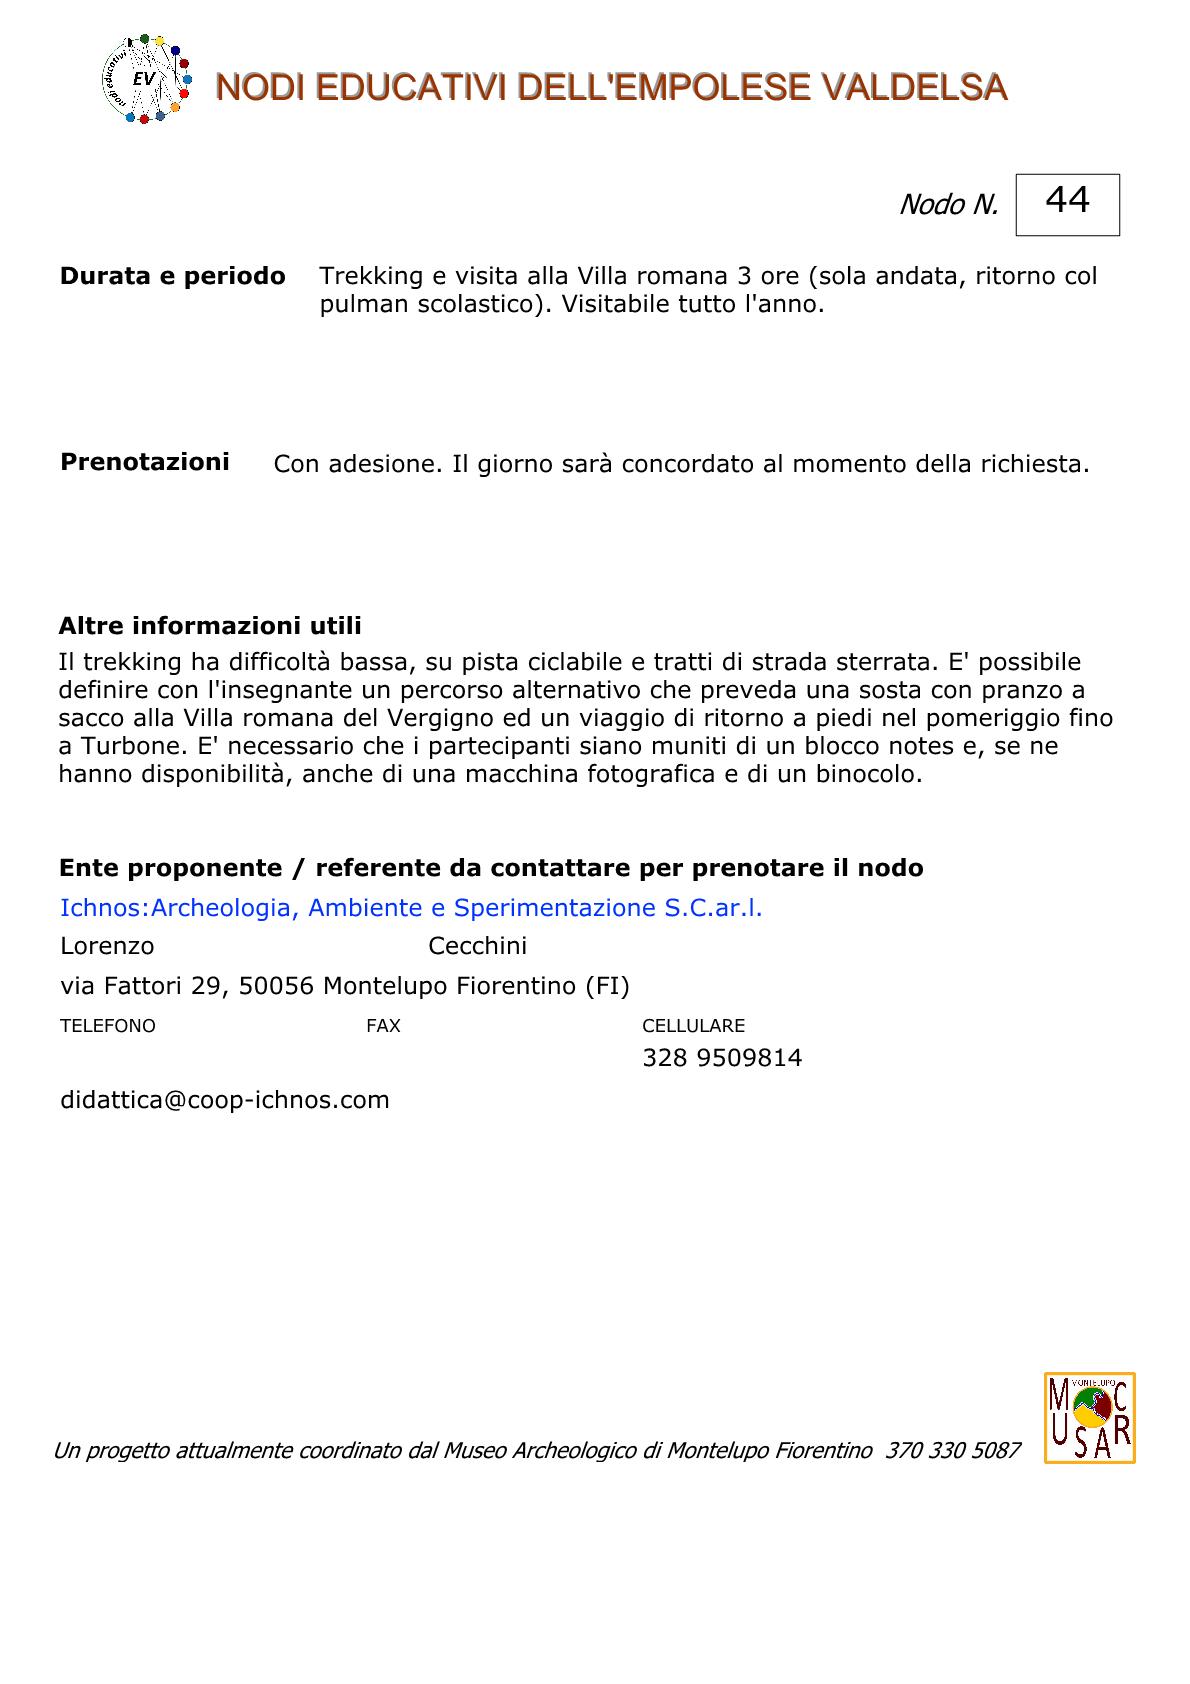 nodi-ev-161001-n-0443